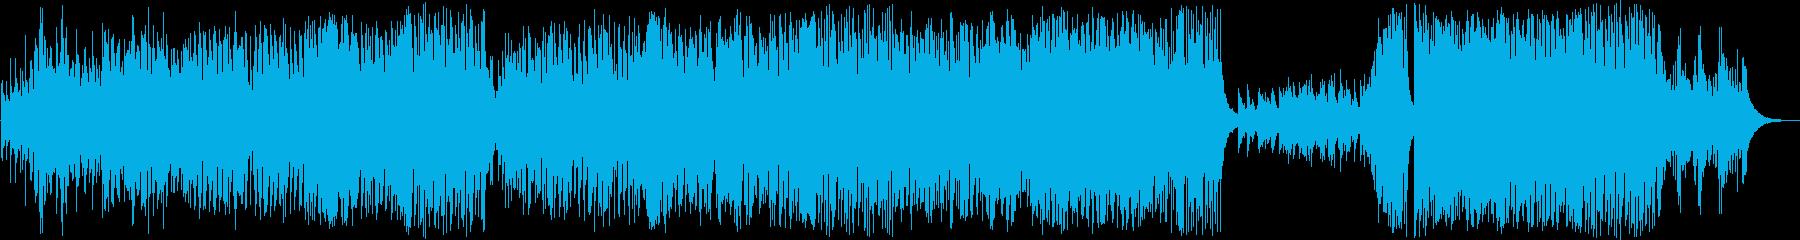 軽快なさわやかソロギターの再生済みの波形